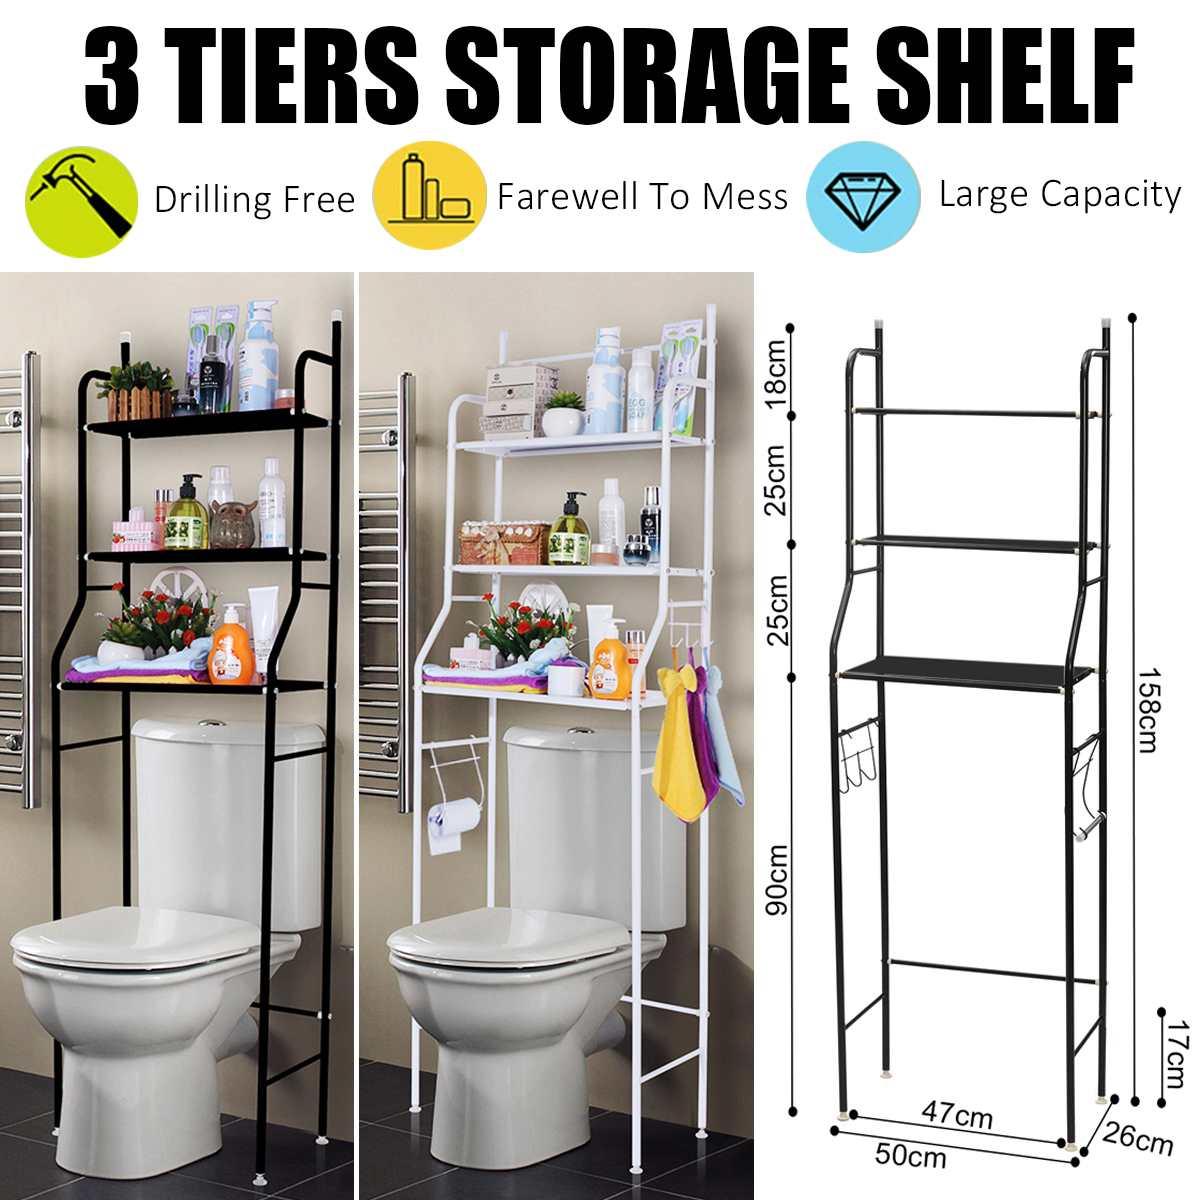 Étagère à 3 niveaux sur la cuisine de la maison support de rangement de salle de bains étagères de toilette multifonctions pour accessoires d'organisateur de salle de bains